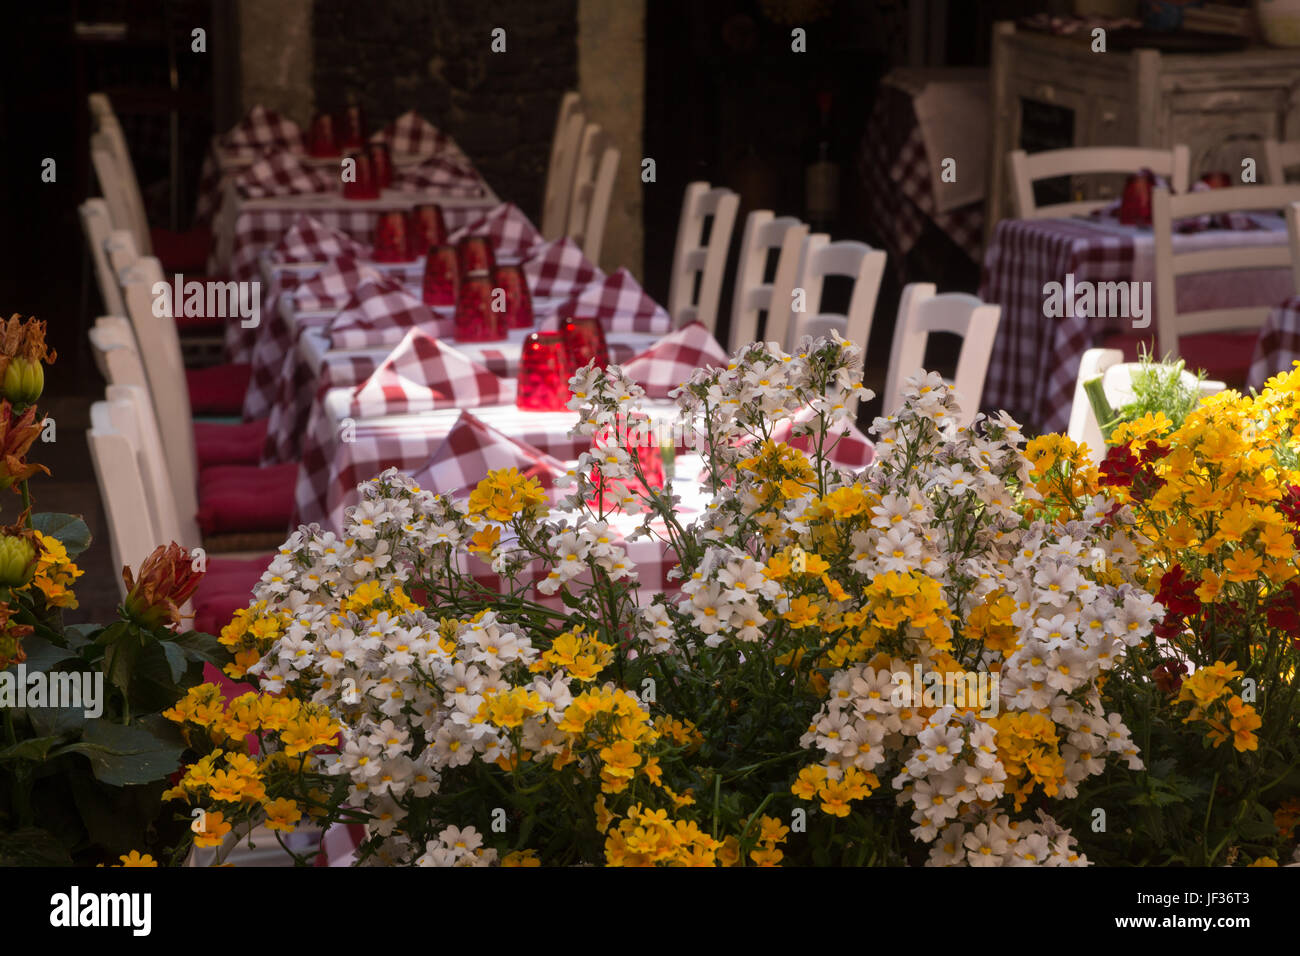 Fiori Di Fronte Al Fresco E Tavoli Da Pranzo Insieme Con Il Rosso Controllato I Panni E Sedie Fuori Del Ristorante A Taormina In Provincia Di Messina Sicilia Italia Foto Stock